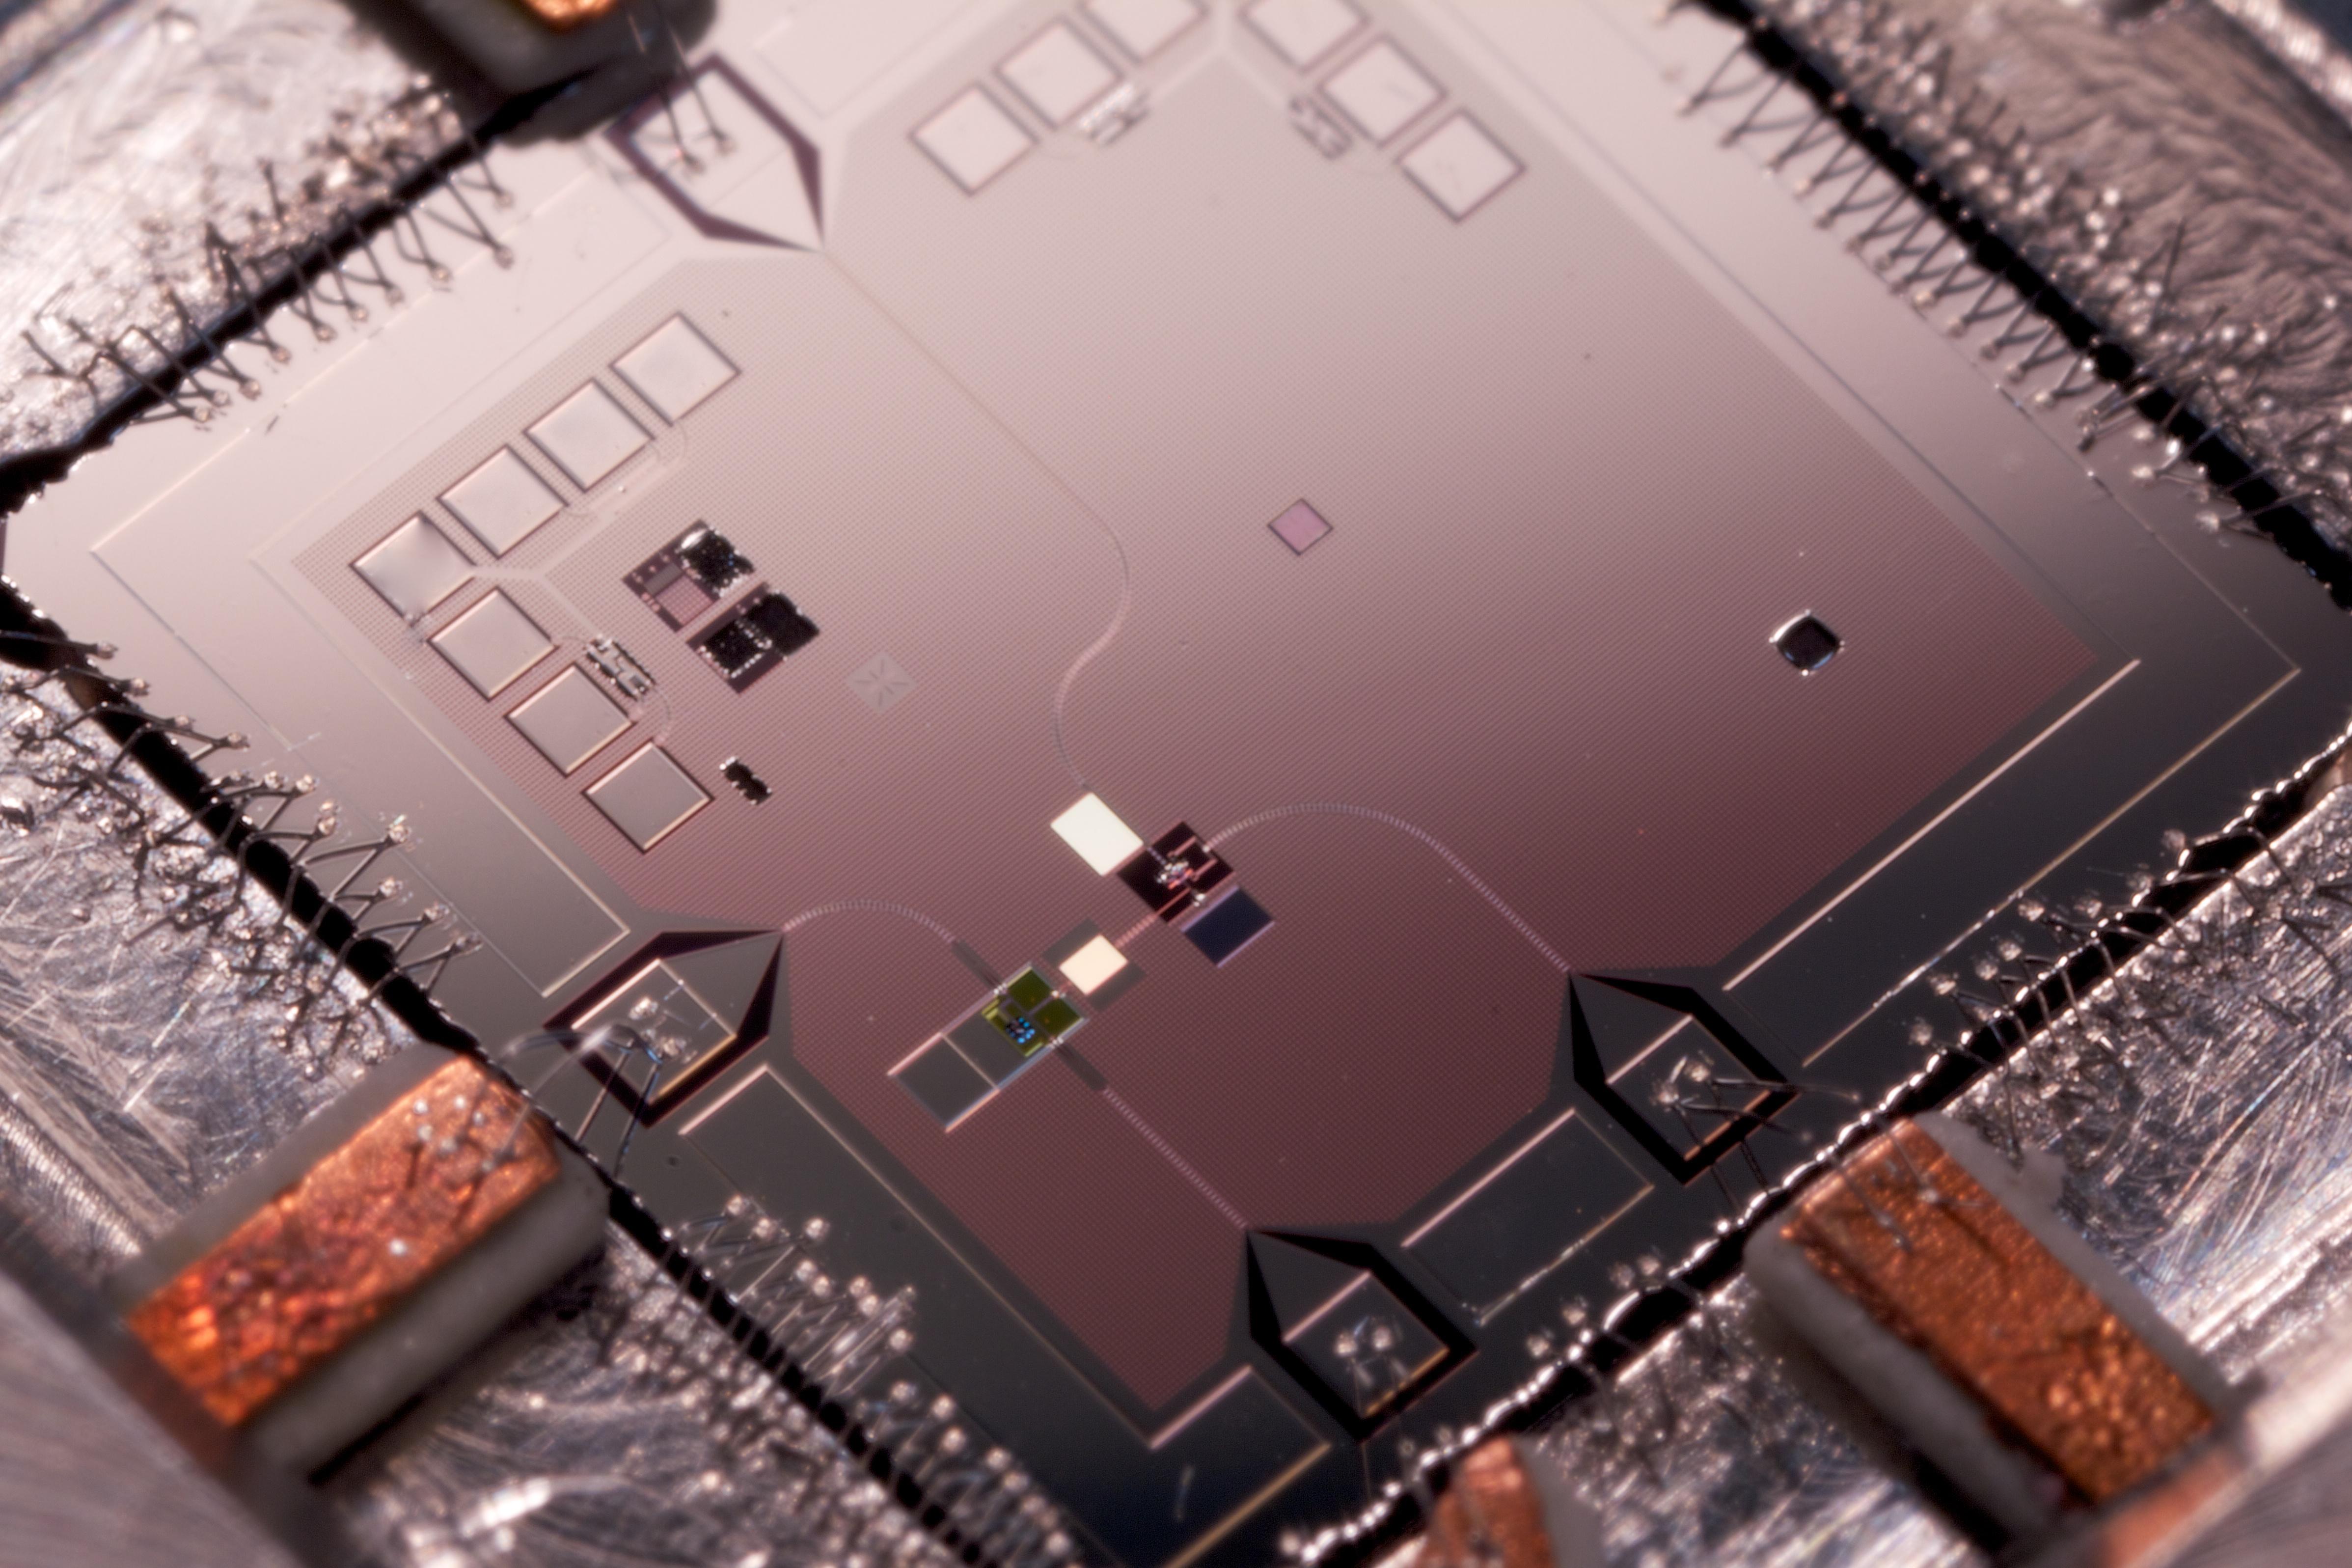 A close-up photo of a quantum machine.